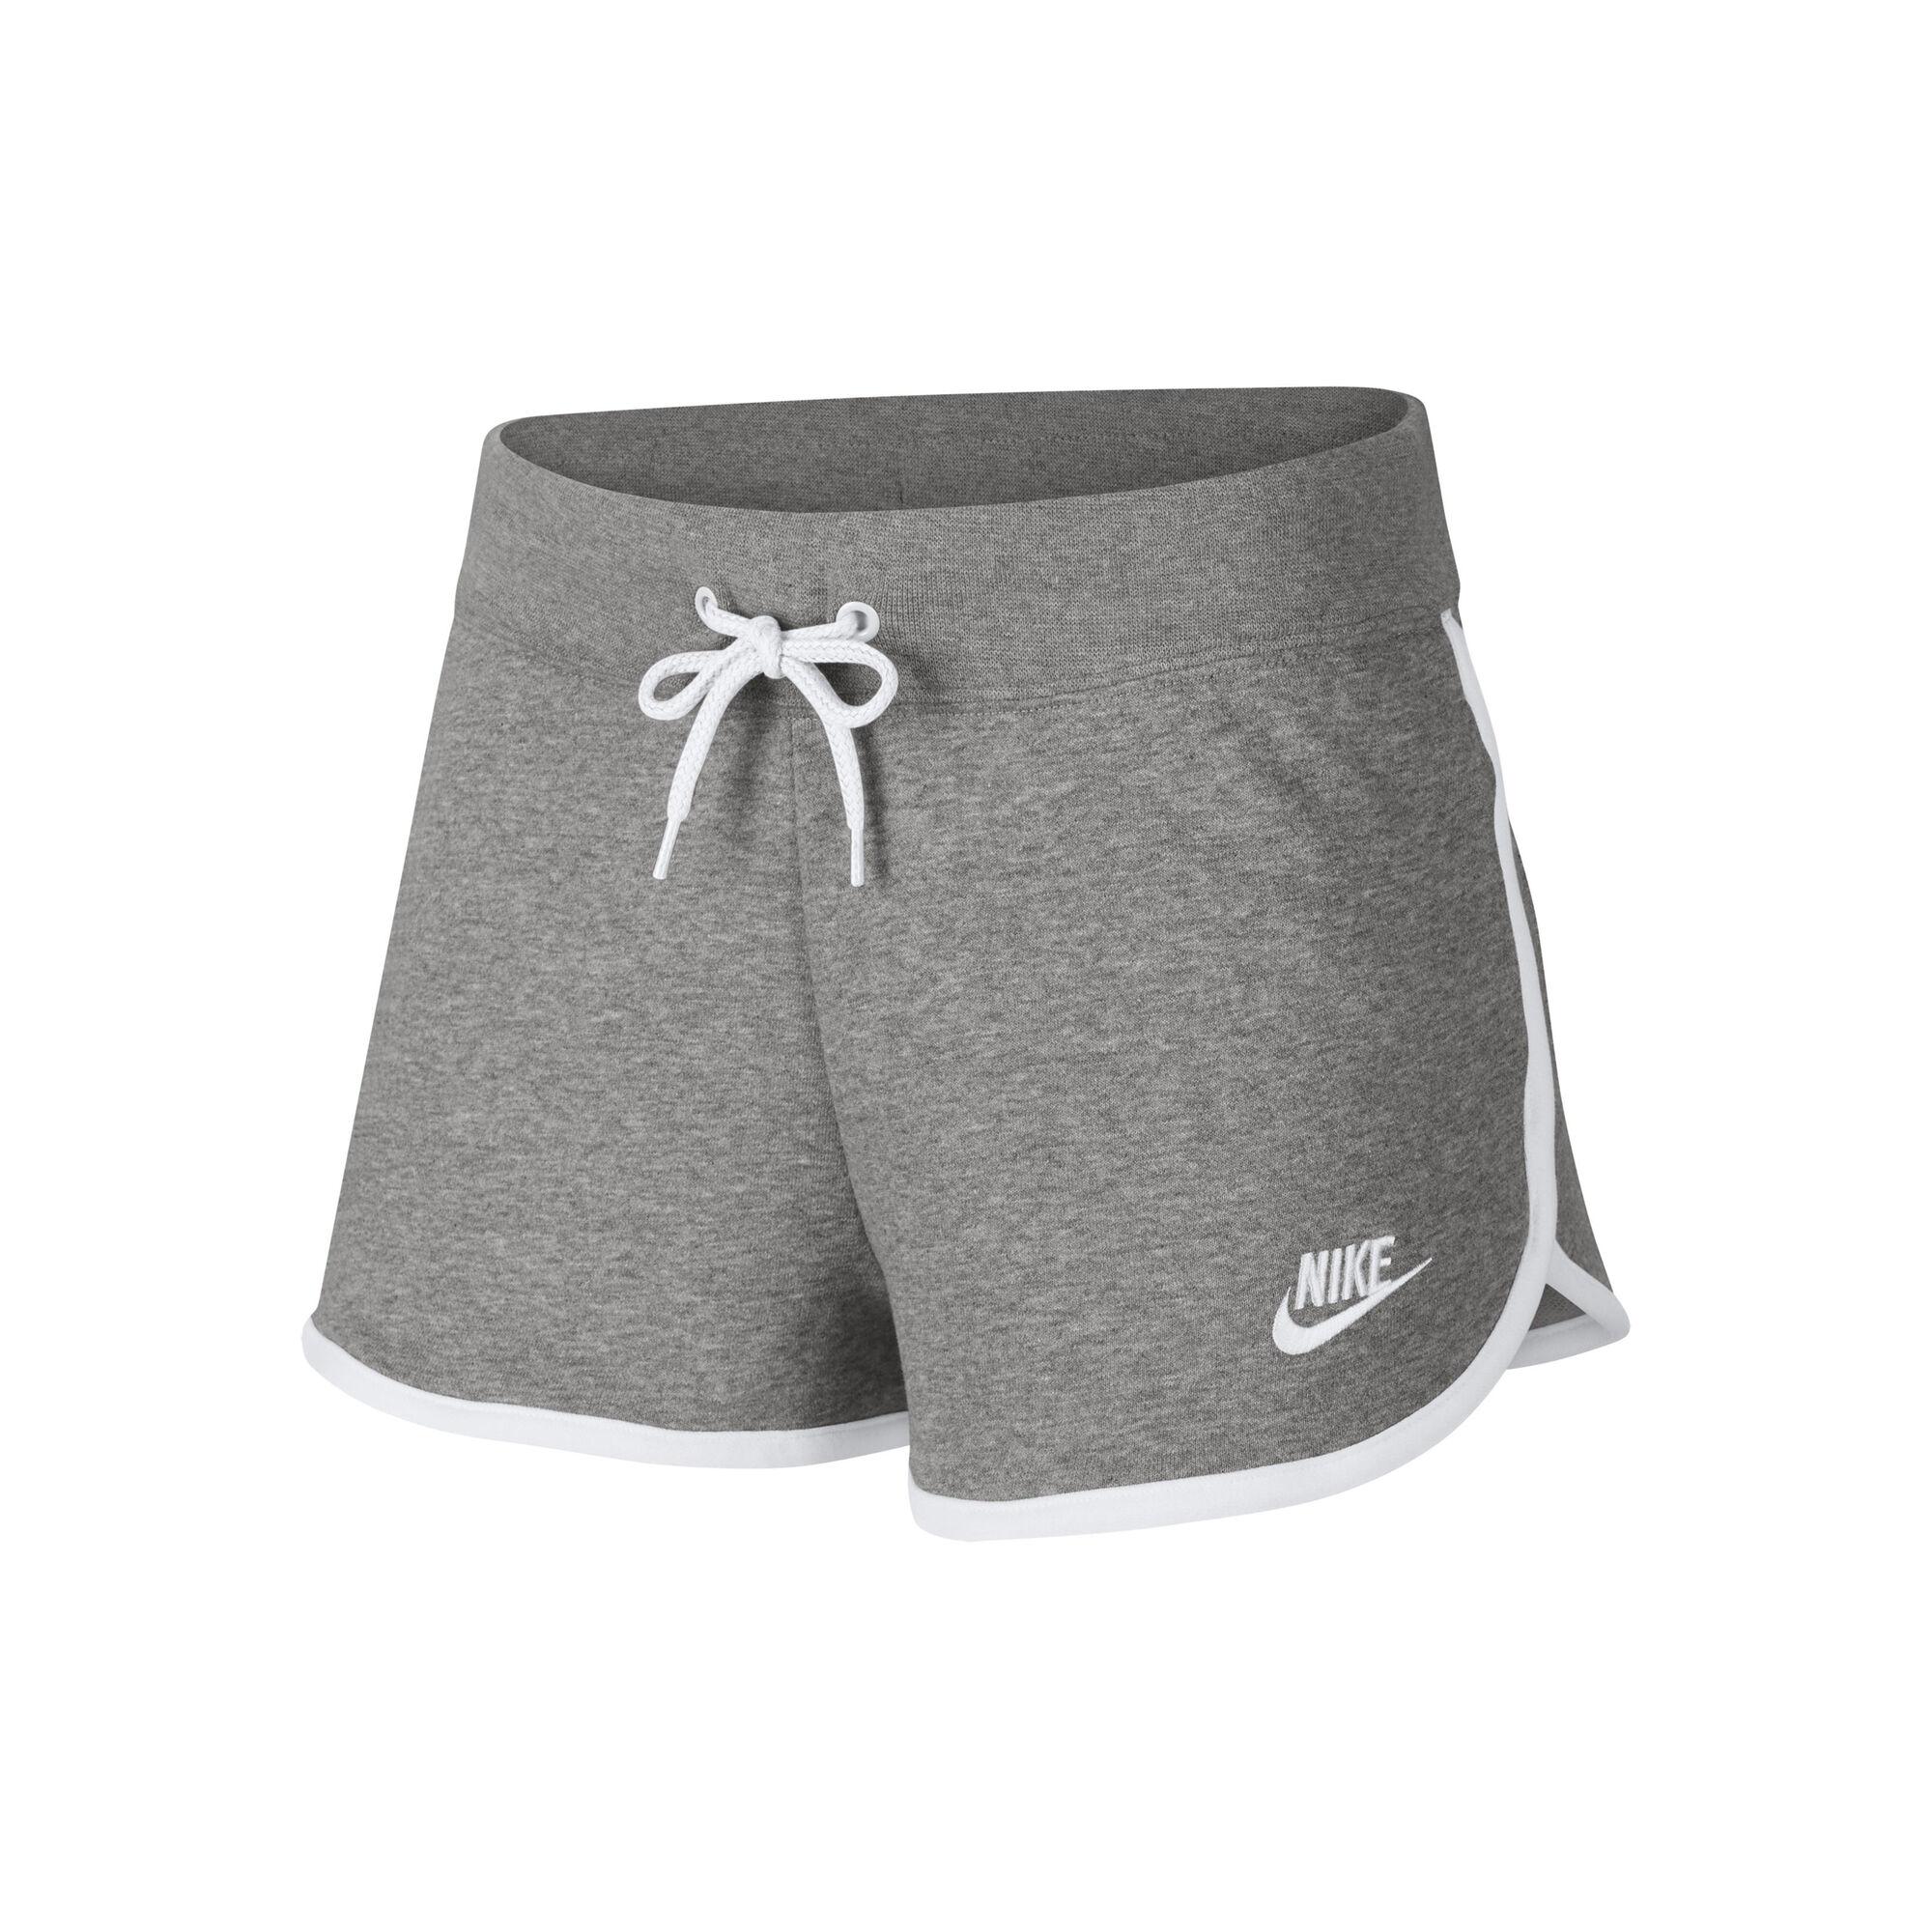 379a39cedd556 Nike Sportswear Shorts Damen - Grau, Weiß online kaufen | Jogging-Point